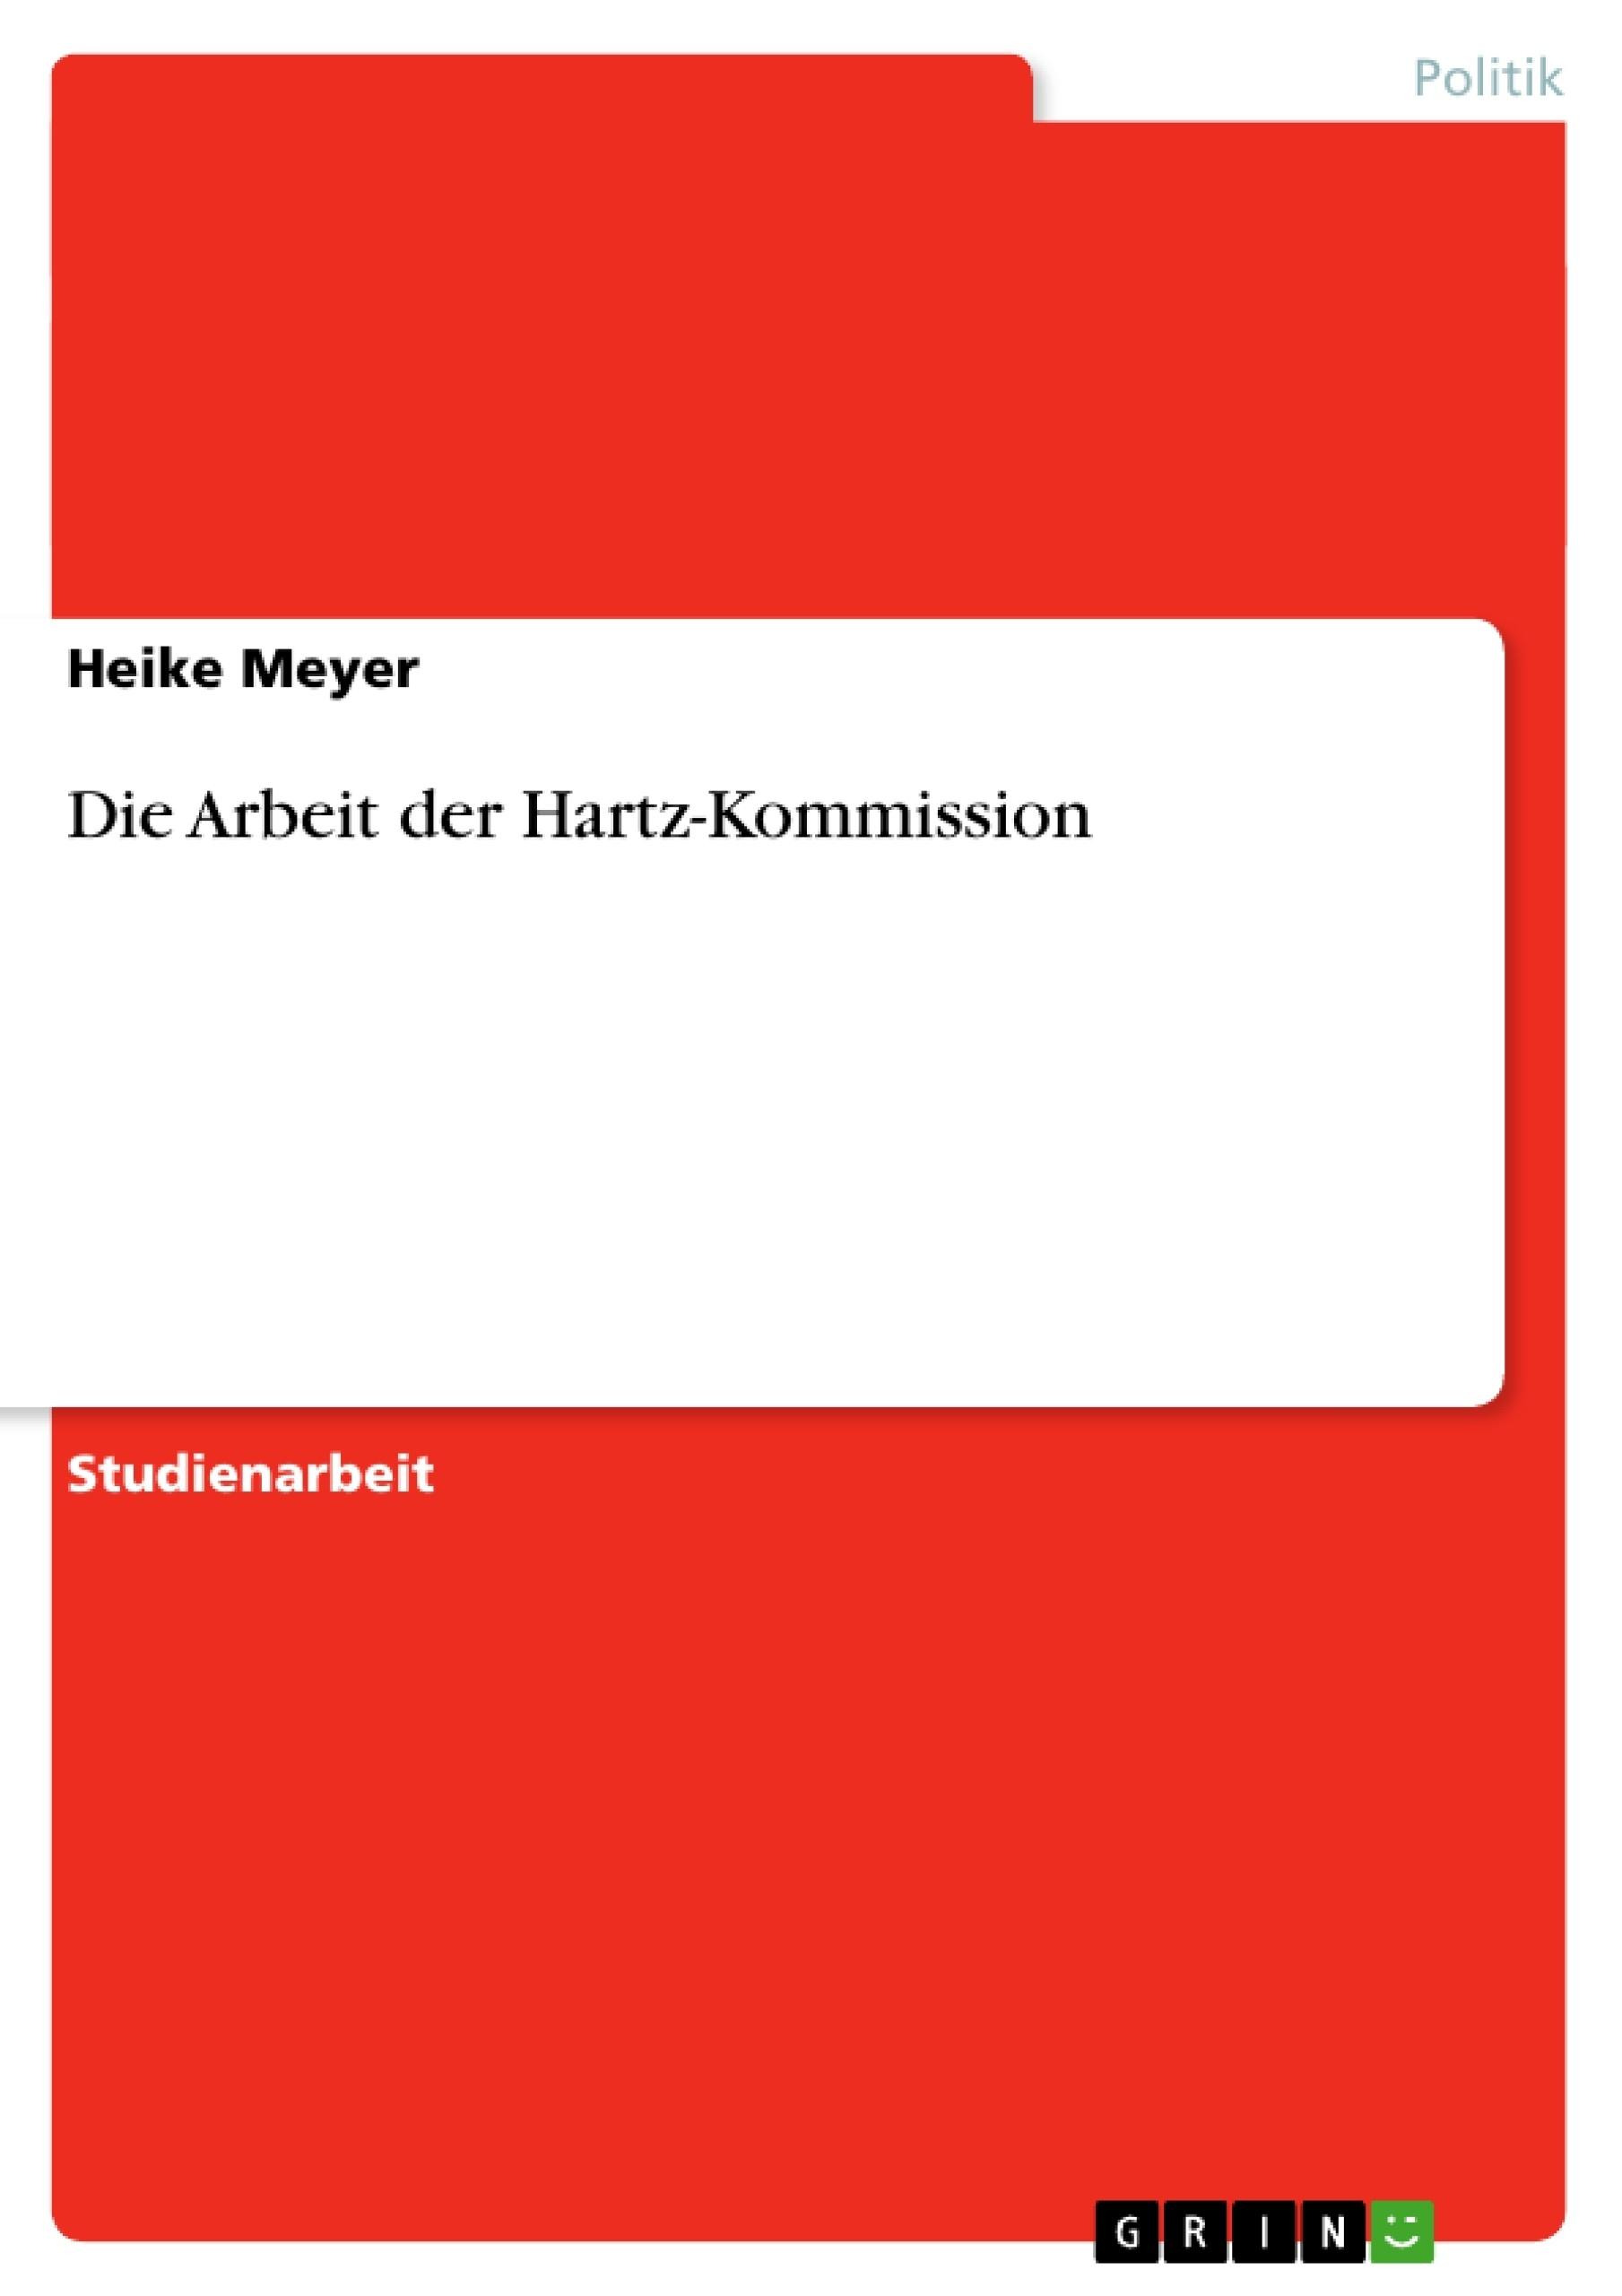 Titel: Die Arbeit der Hartz-Kommission